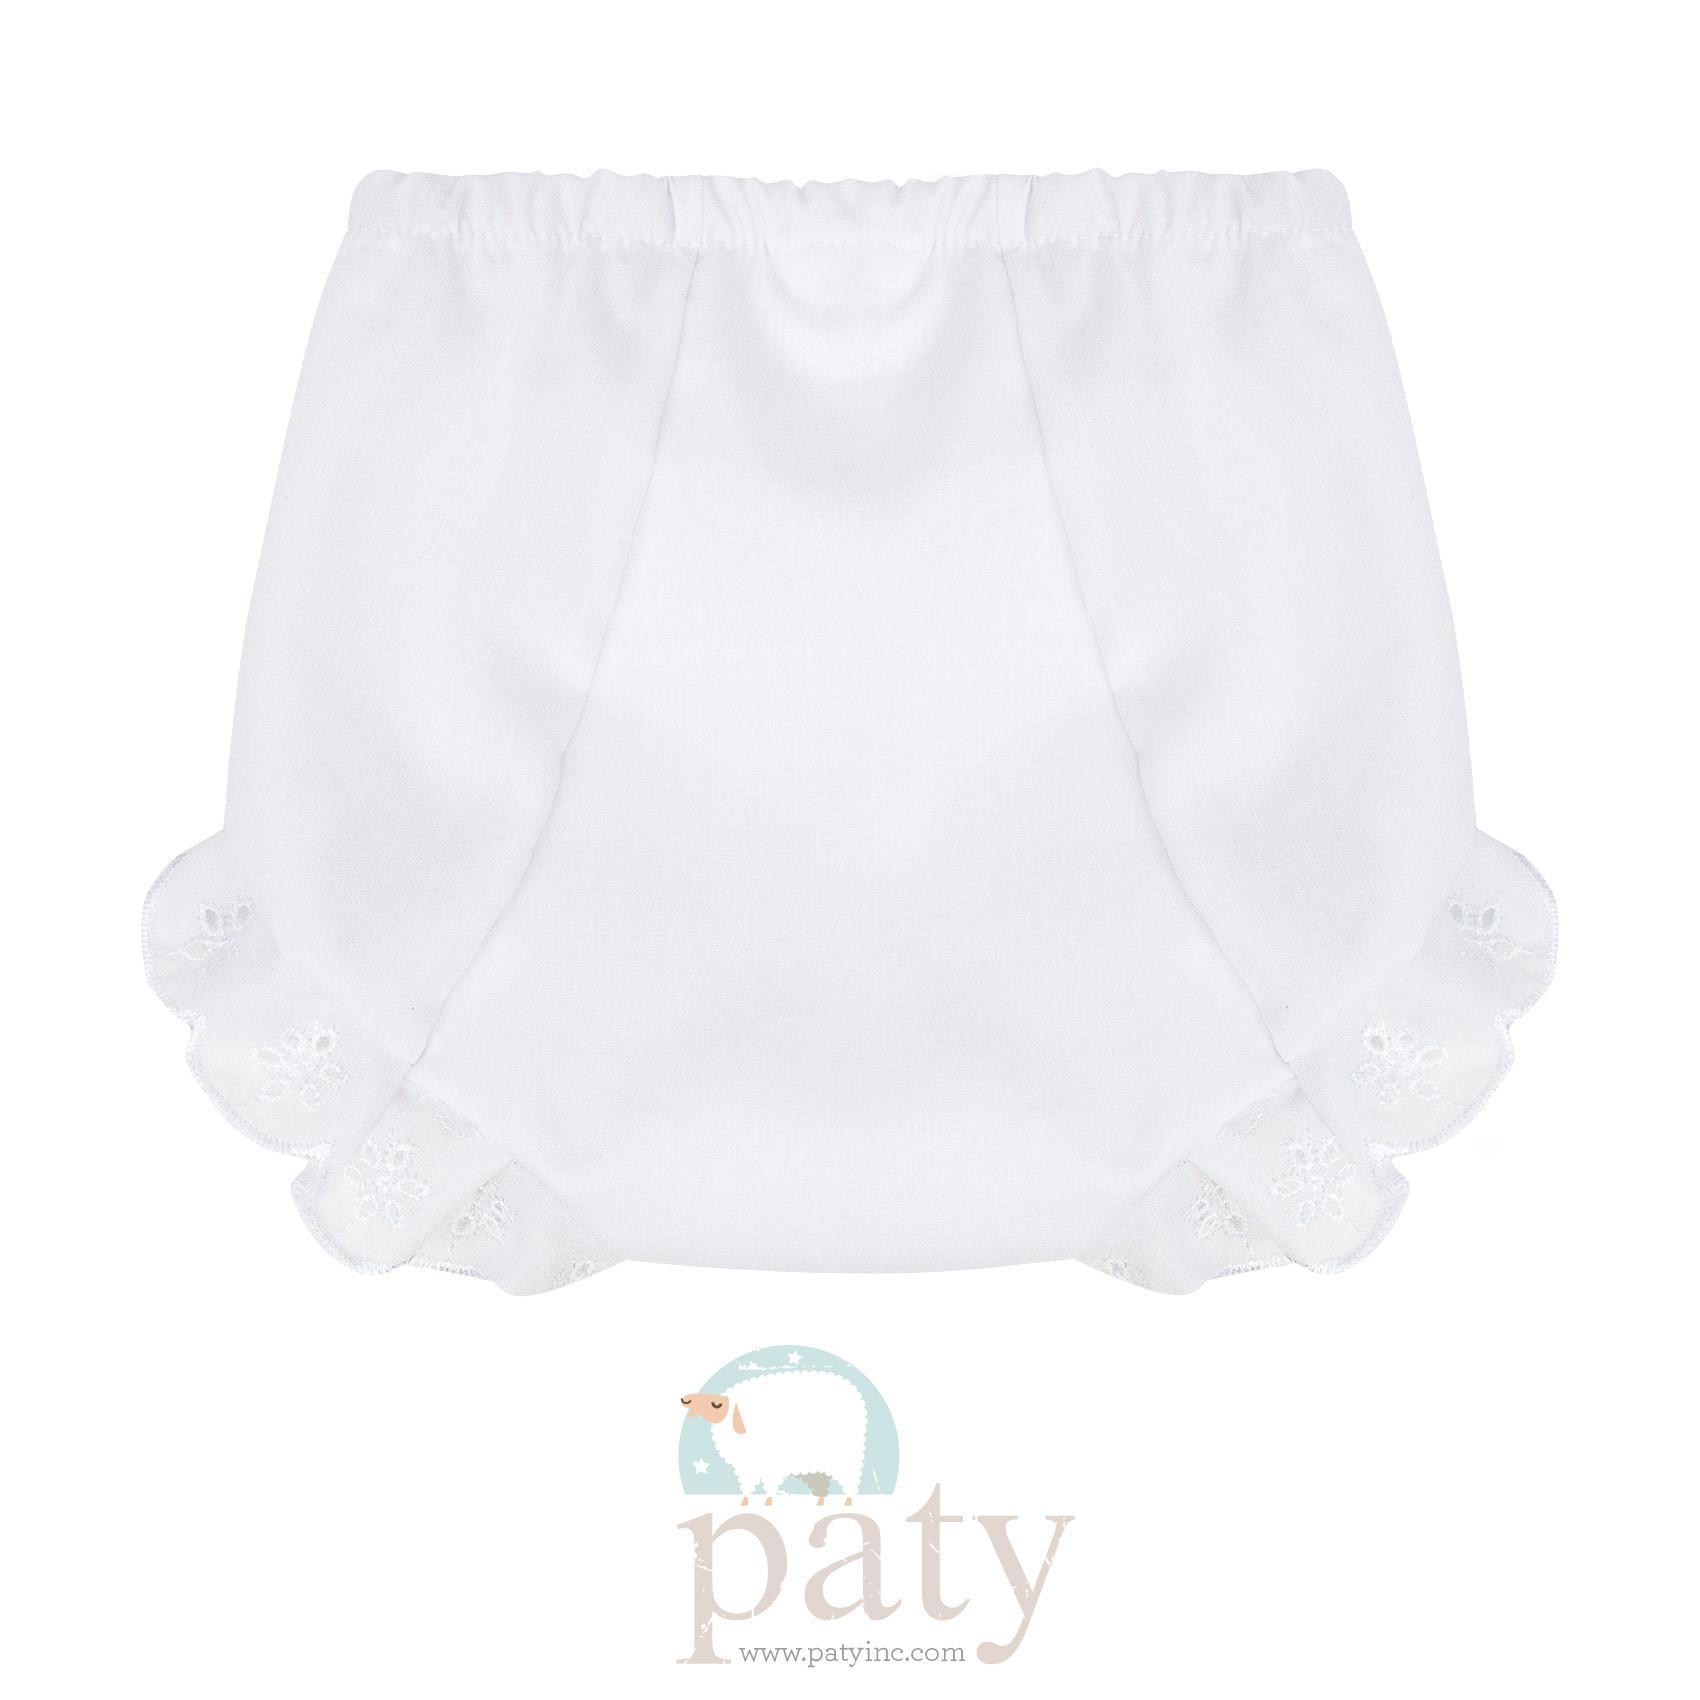 Eyelet Diaper Cover - White Back Side